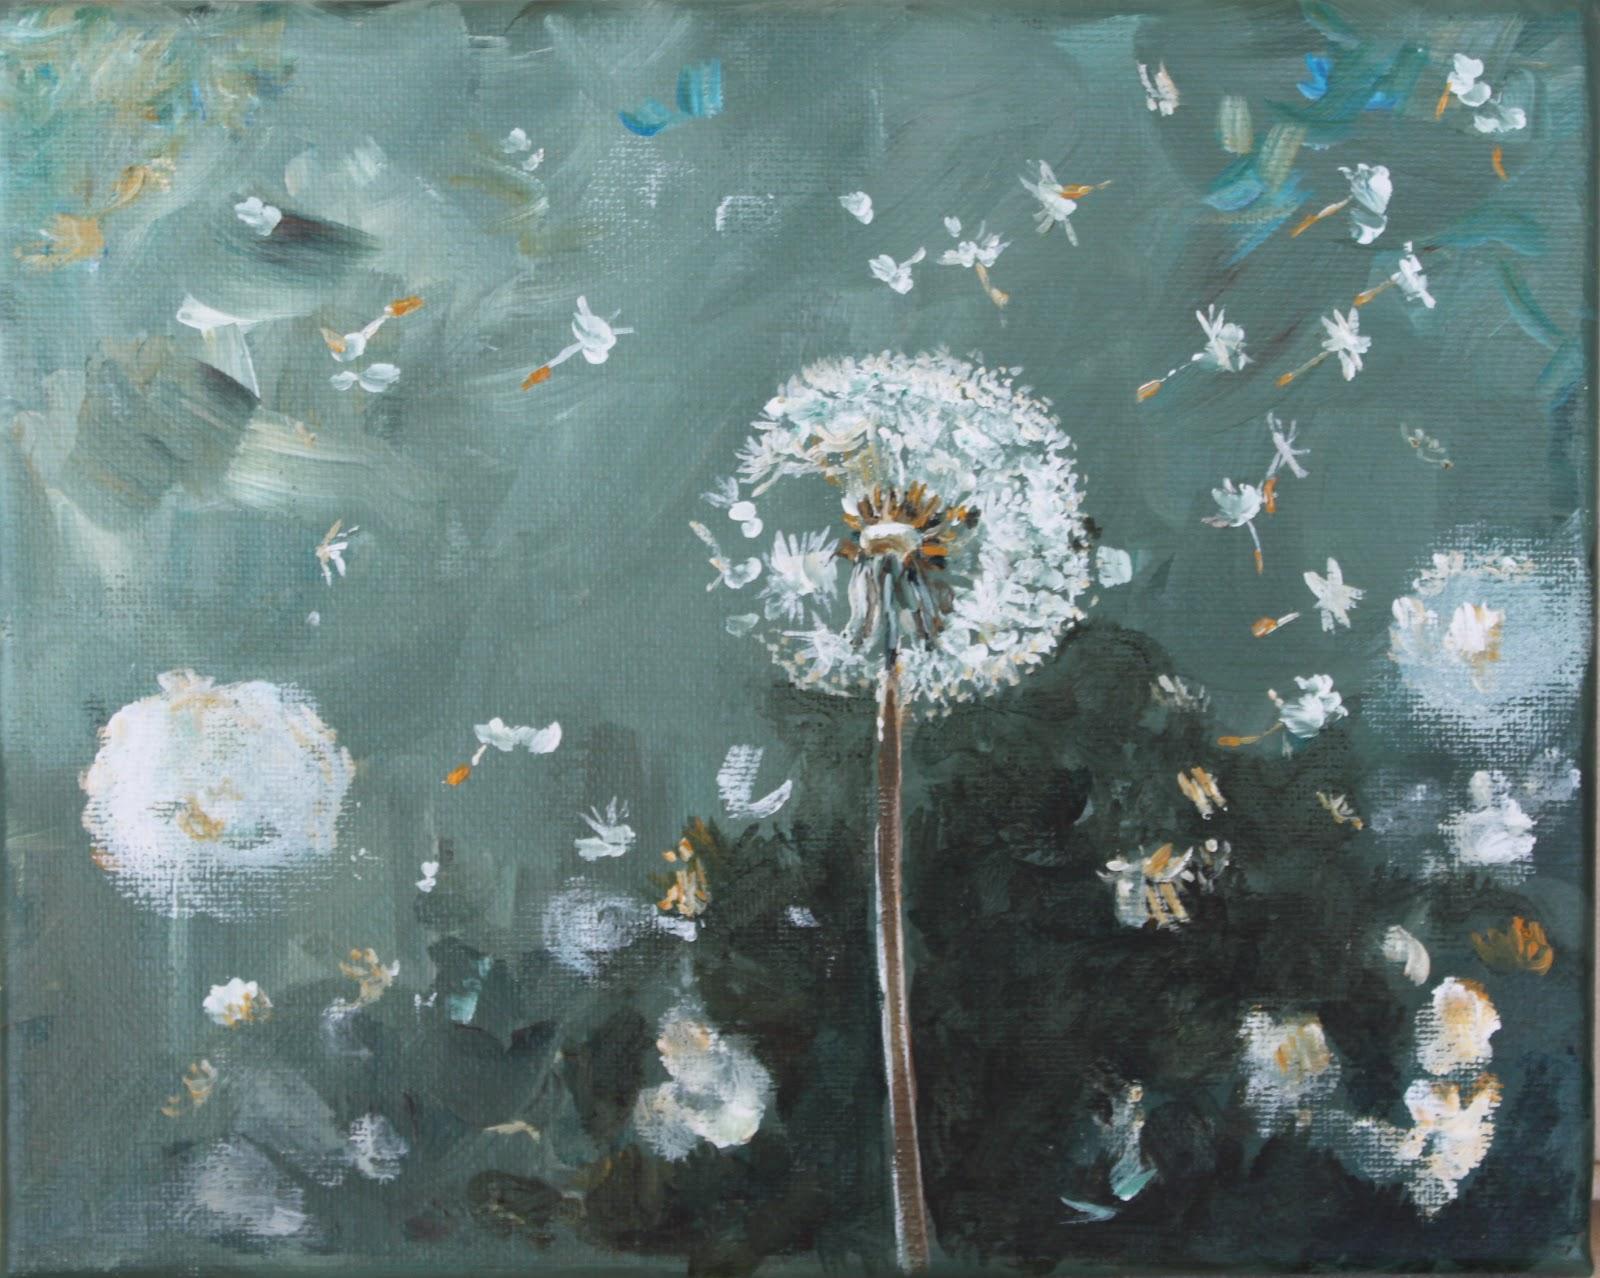 michelle lake artist  dandelion wishes